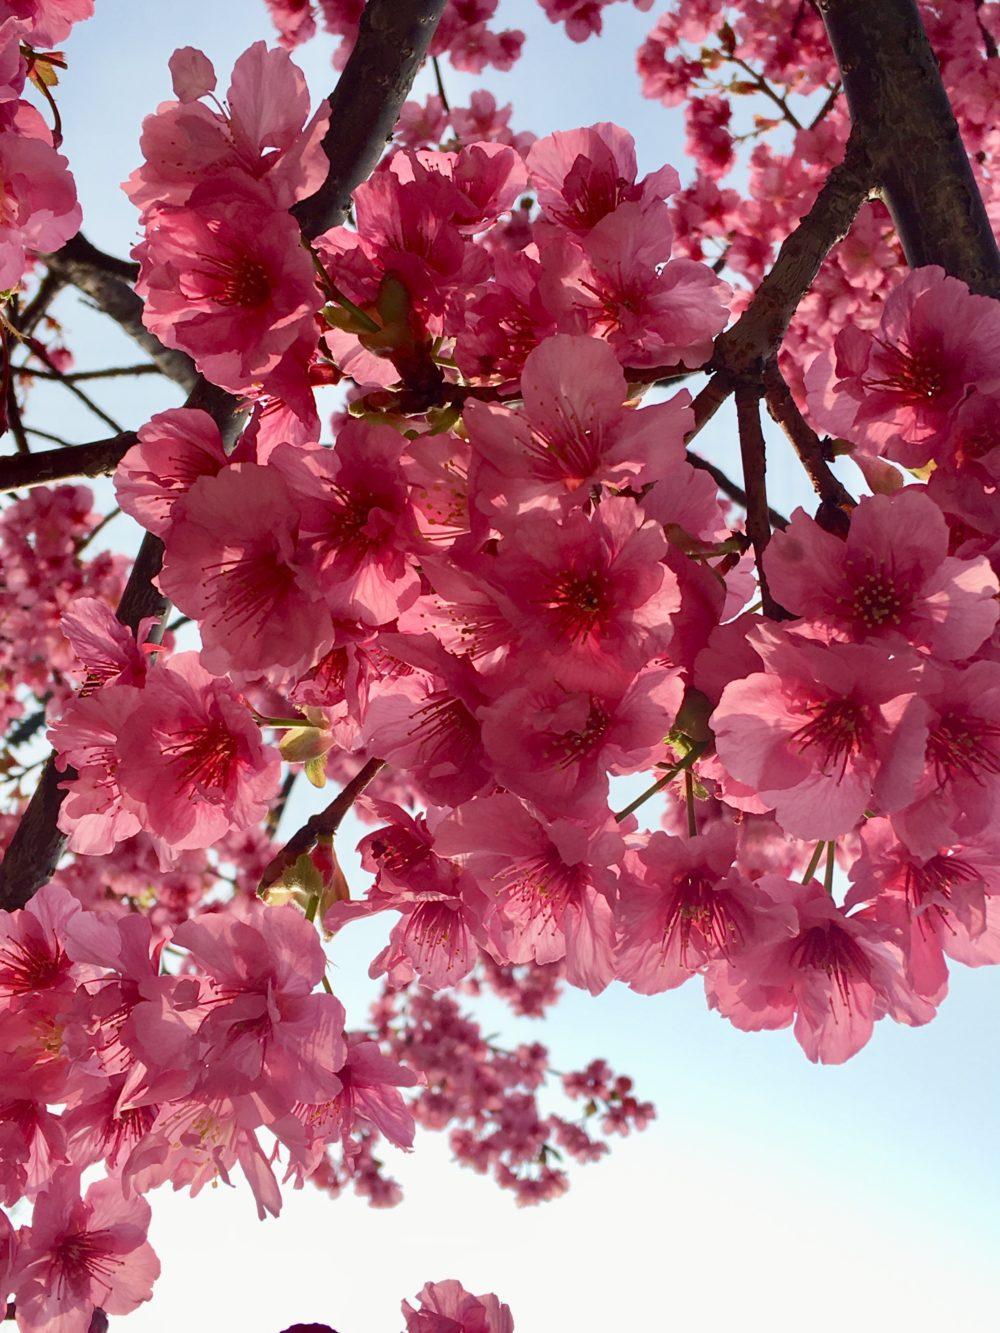 春ですね♪あなたとトゥラッタッタ〜